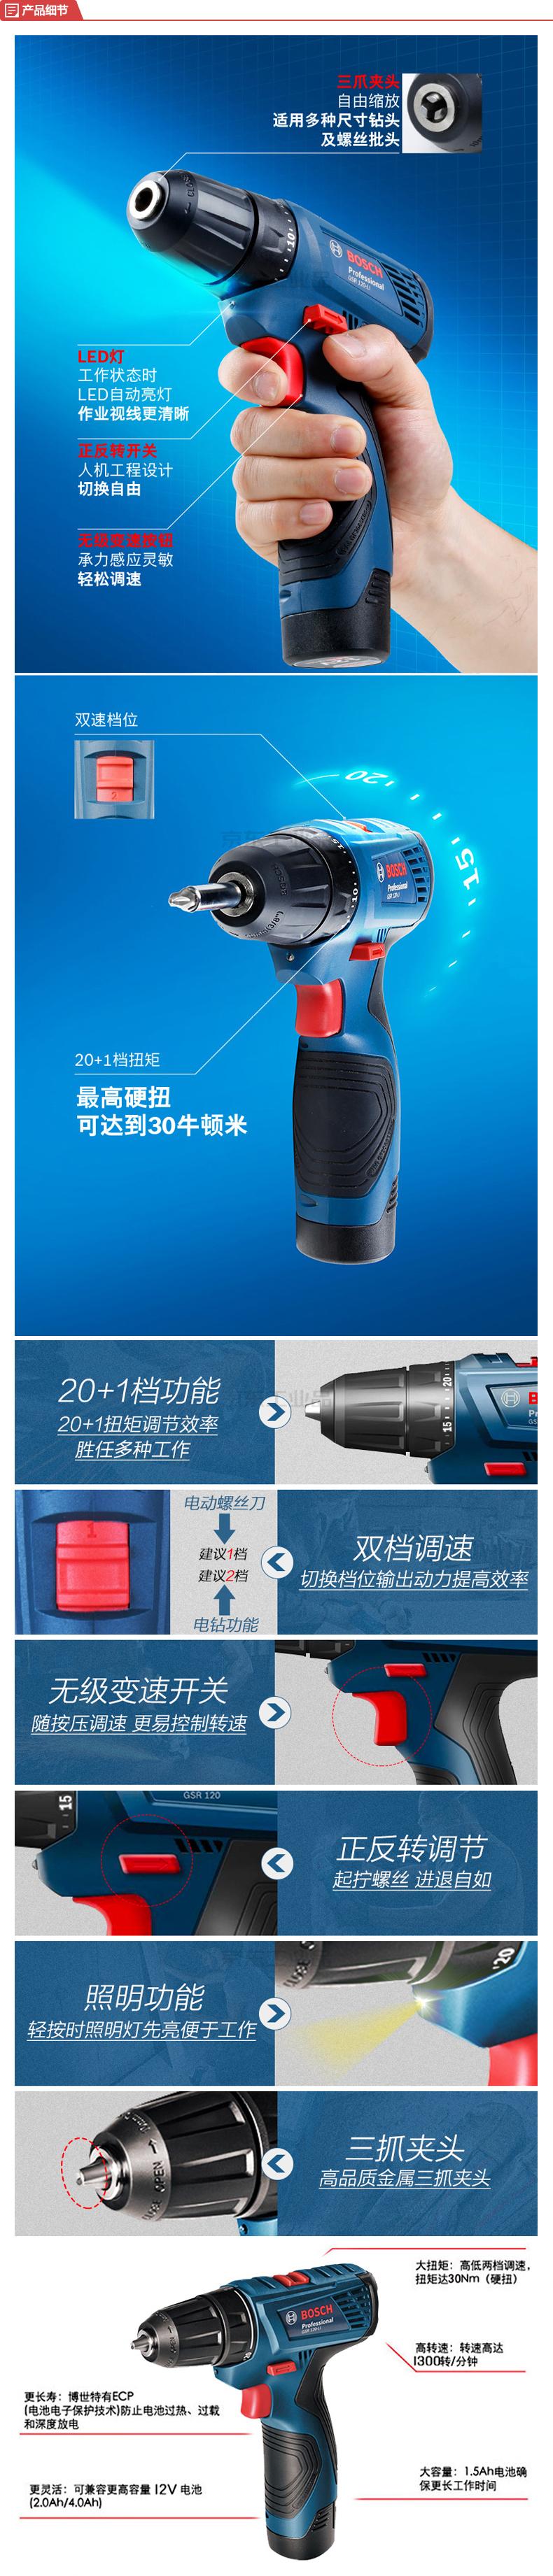 博世(BOSCH) 锂电充电钻(两电一充)GSR 120-Li 双电(新)(升级款,替代停产的tsr1080/gsr108 );GSR 120-Li 双电(新)